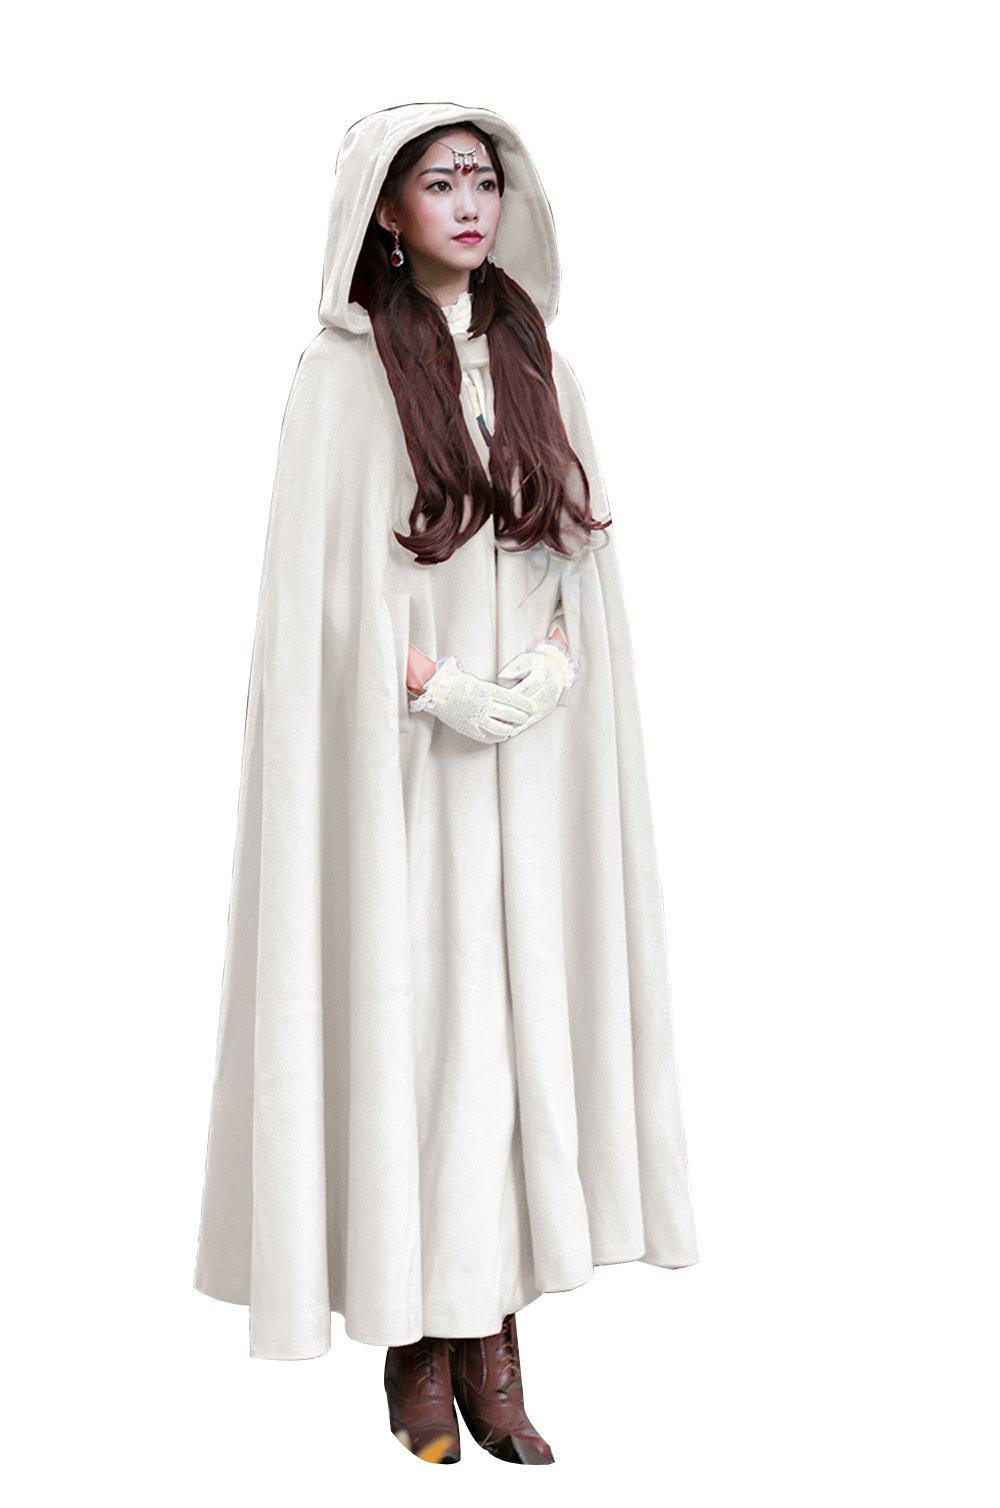 Baoqiya Womens Capes Hooded Cloak Outwear Poncho Warm Autumn and Winter Coat, White, free